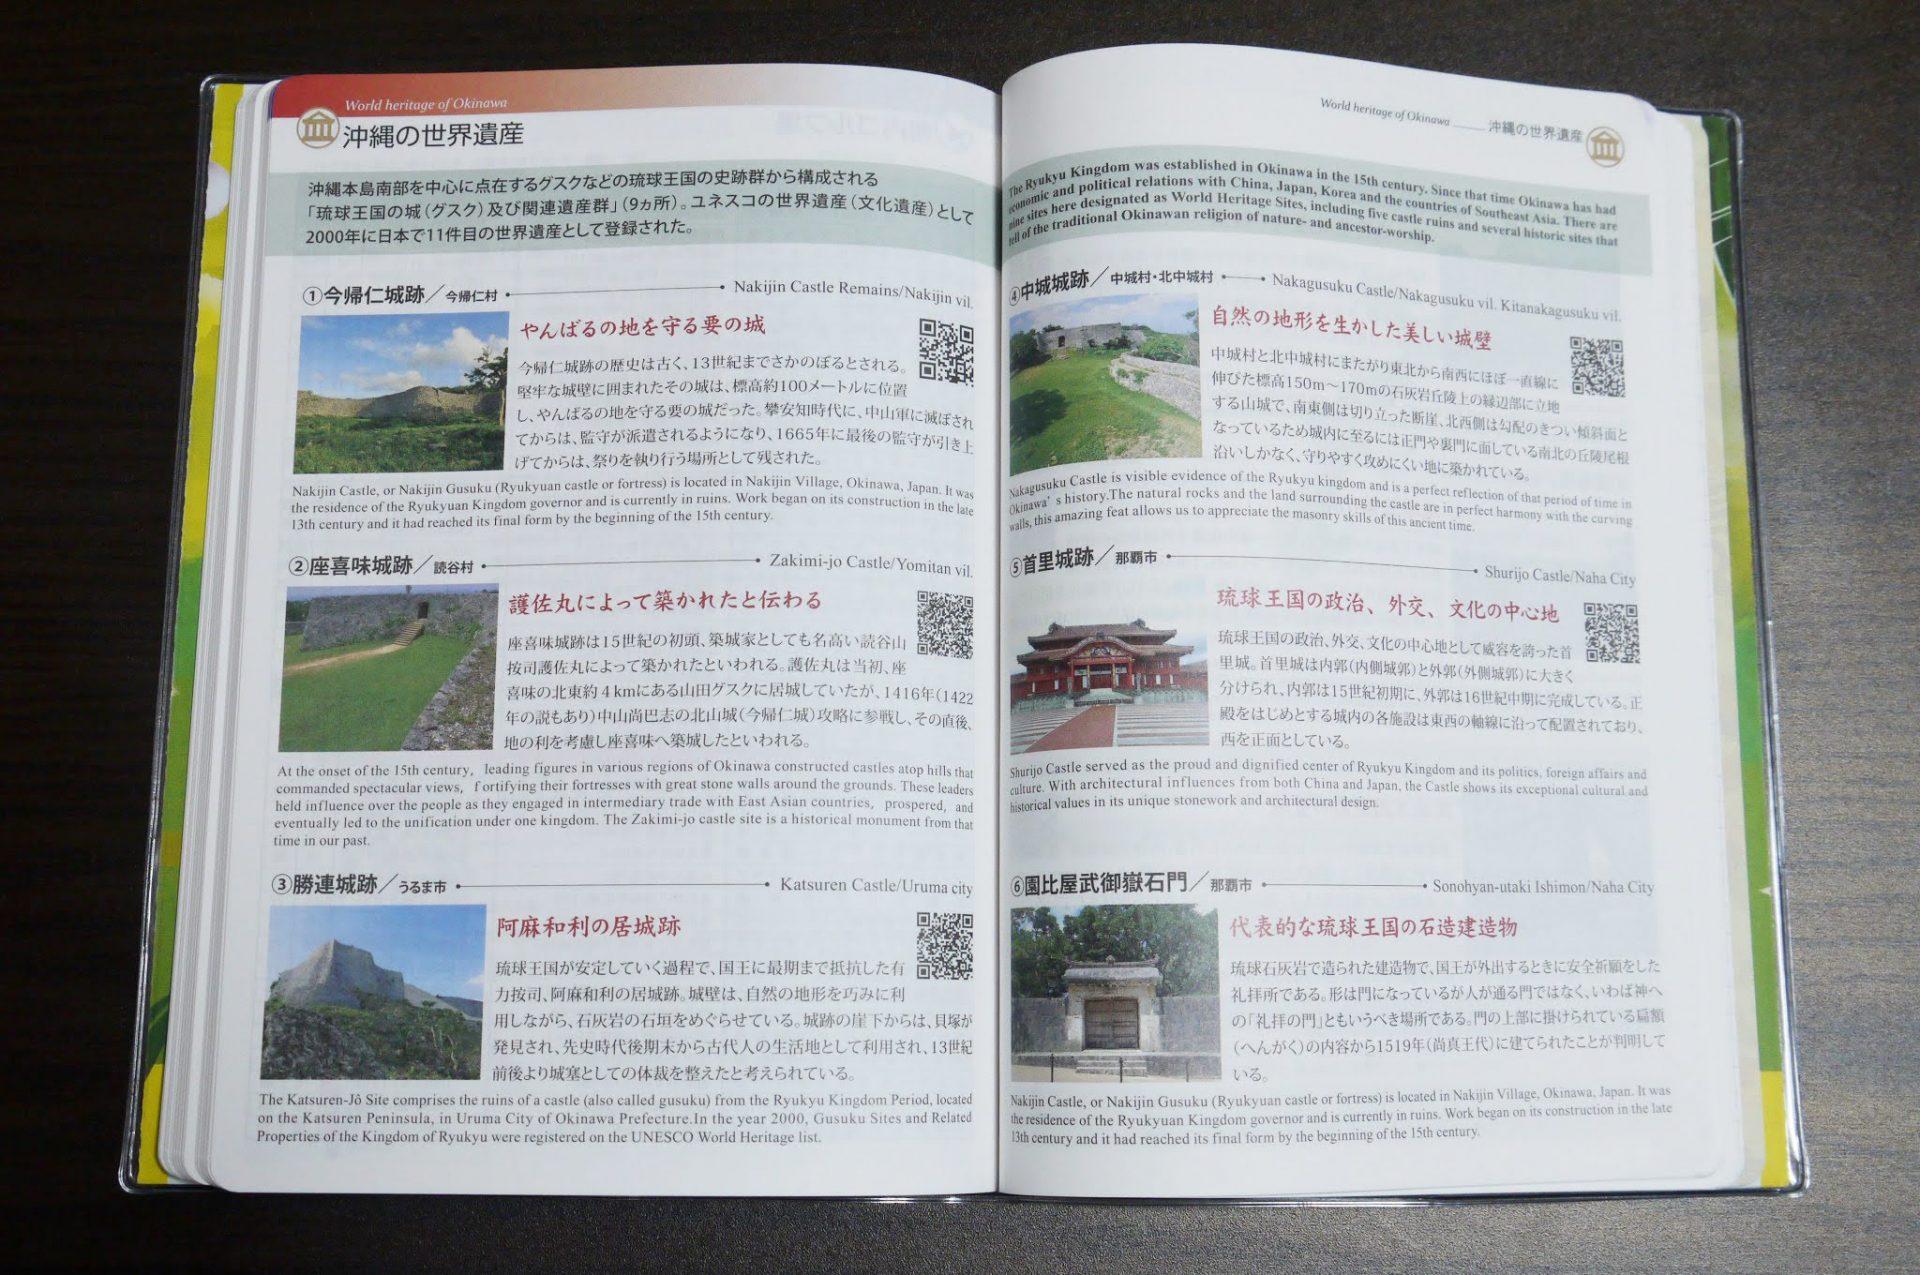 その3. 沖縄の世界遺産9カ所を網羅!基礎知識が学べる